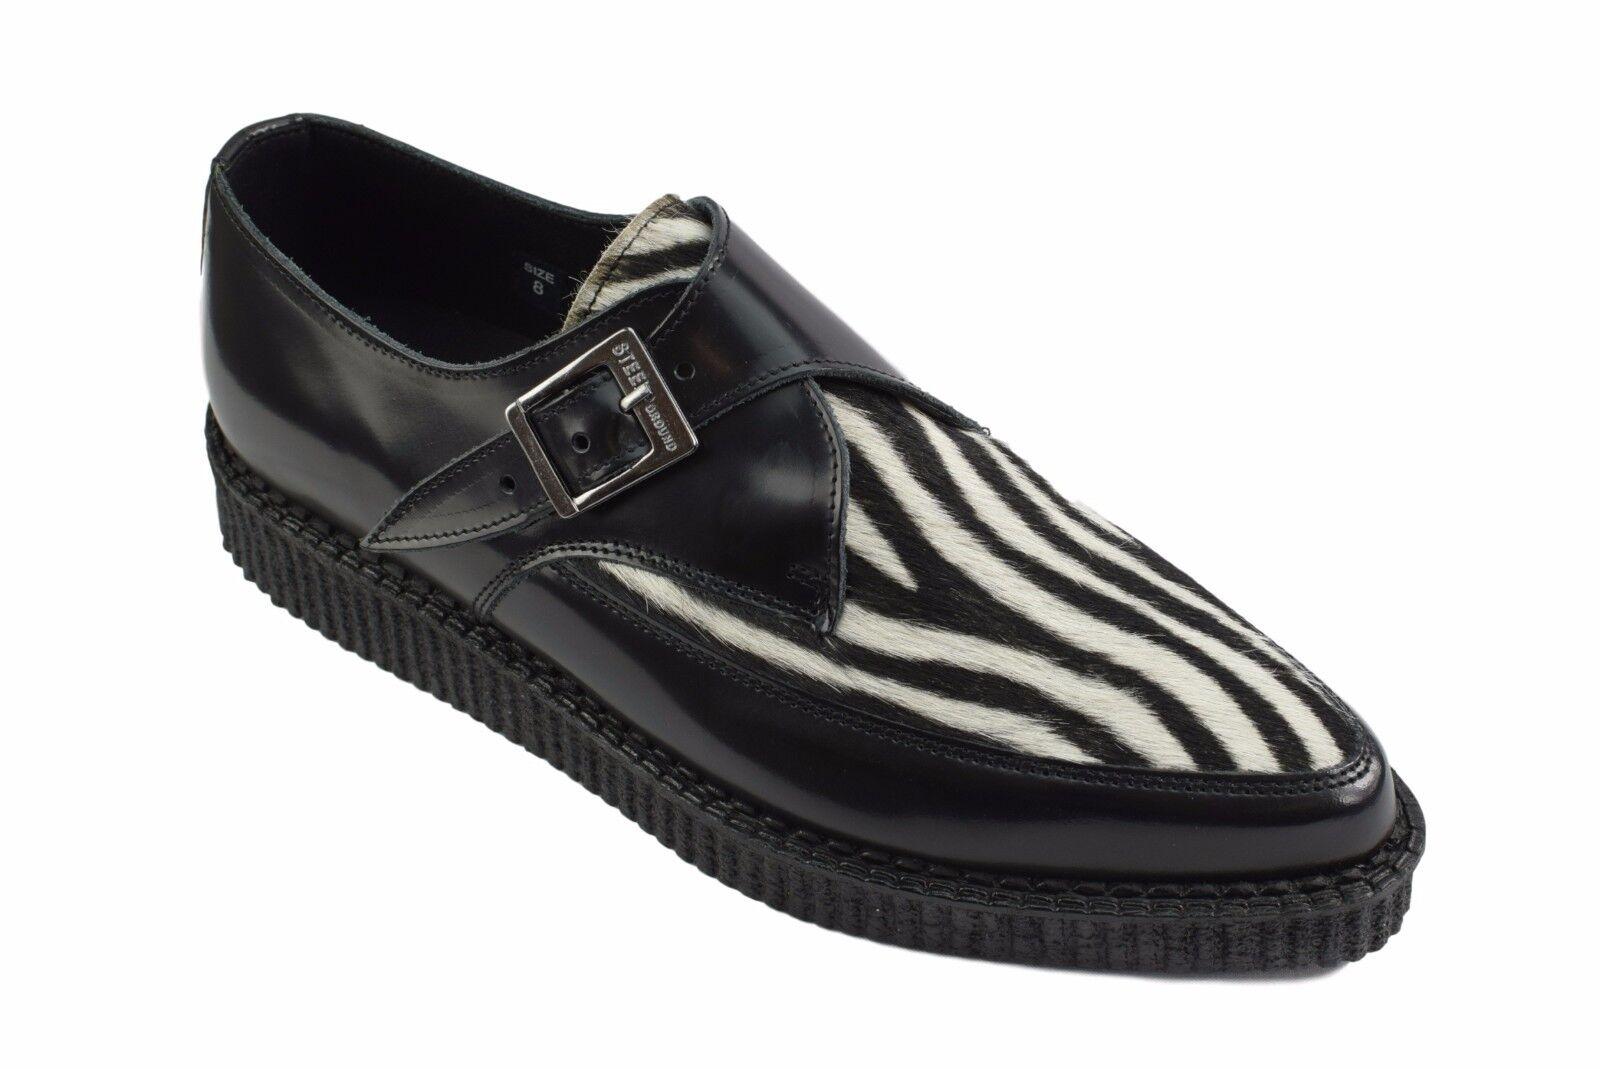 Acier Sol Chaussures en Cuir Noir Zèbre Blanc Cheveux creepers Moine Boucle Pointu